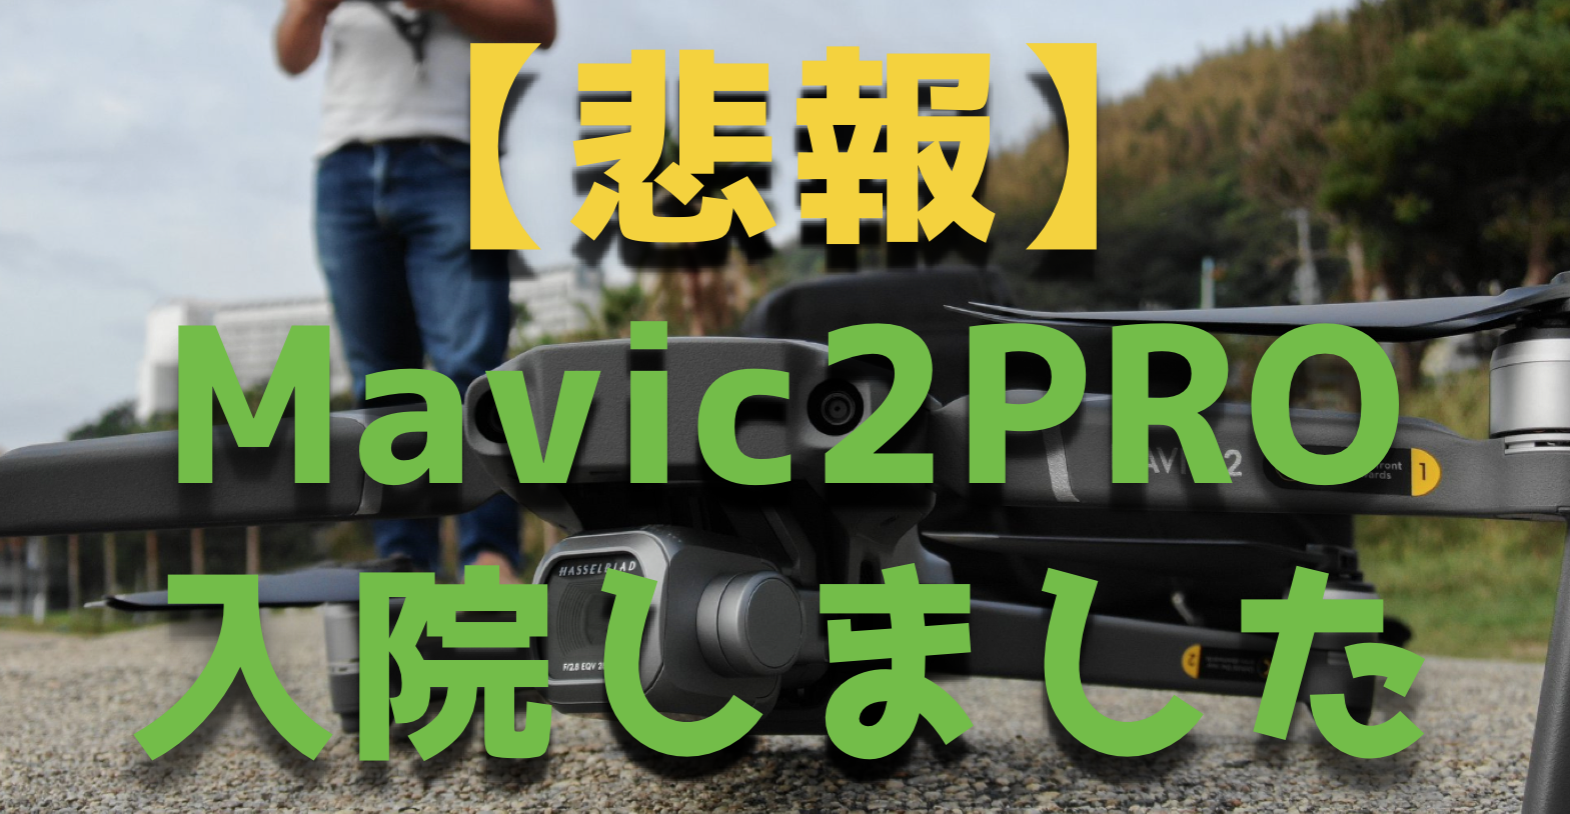 【悲報】Mavic2がカメラが初期不良で故障!DJI修理サポートで交換しました